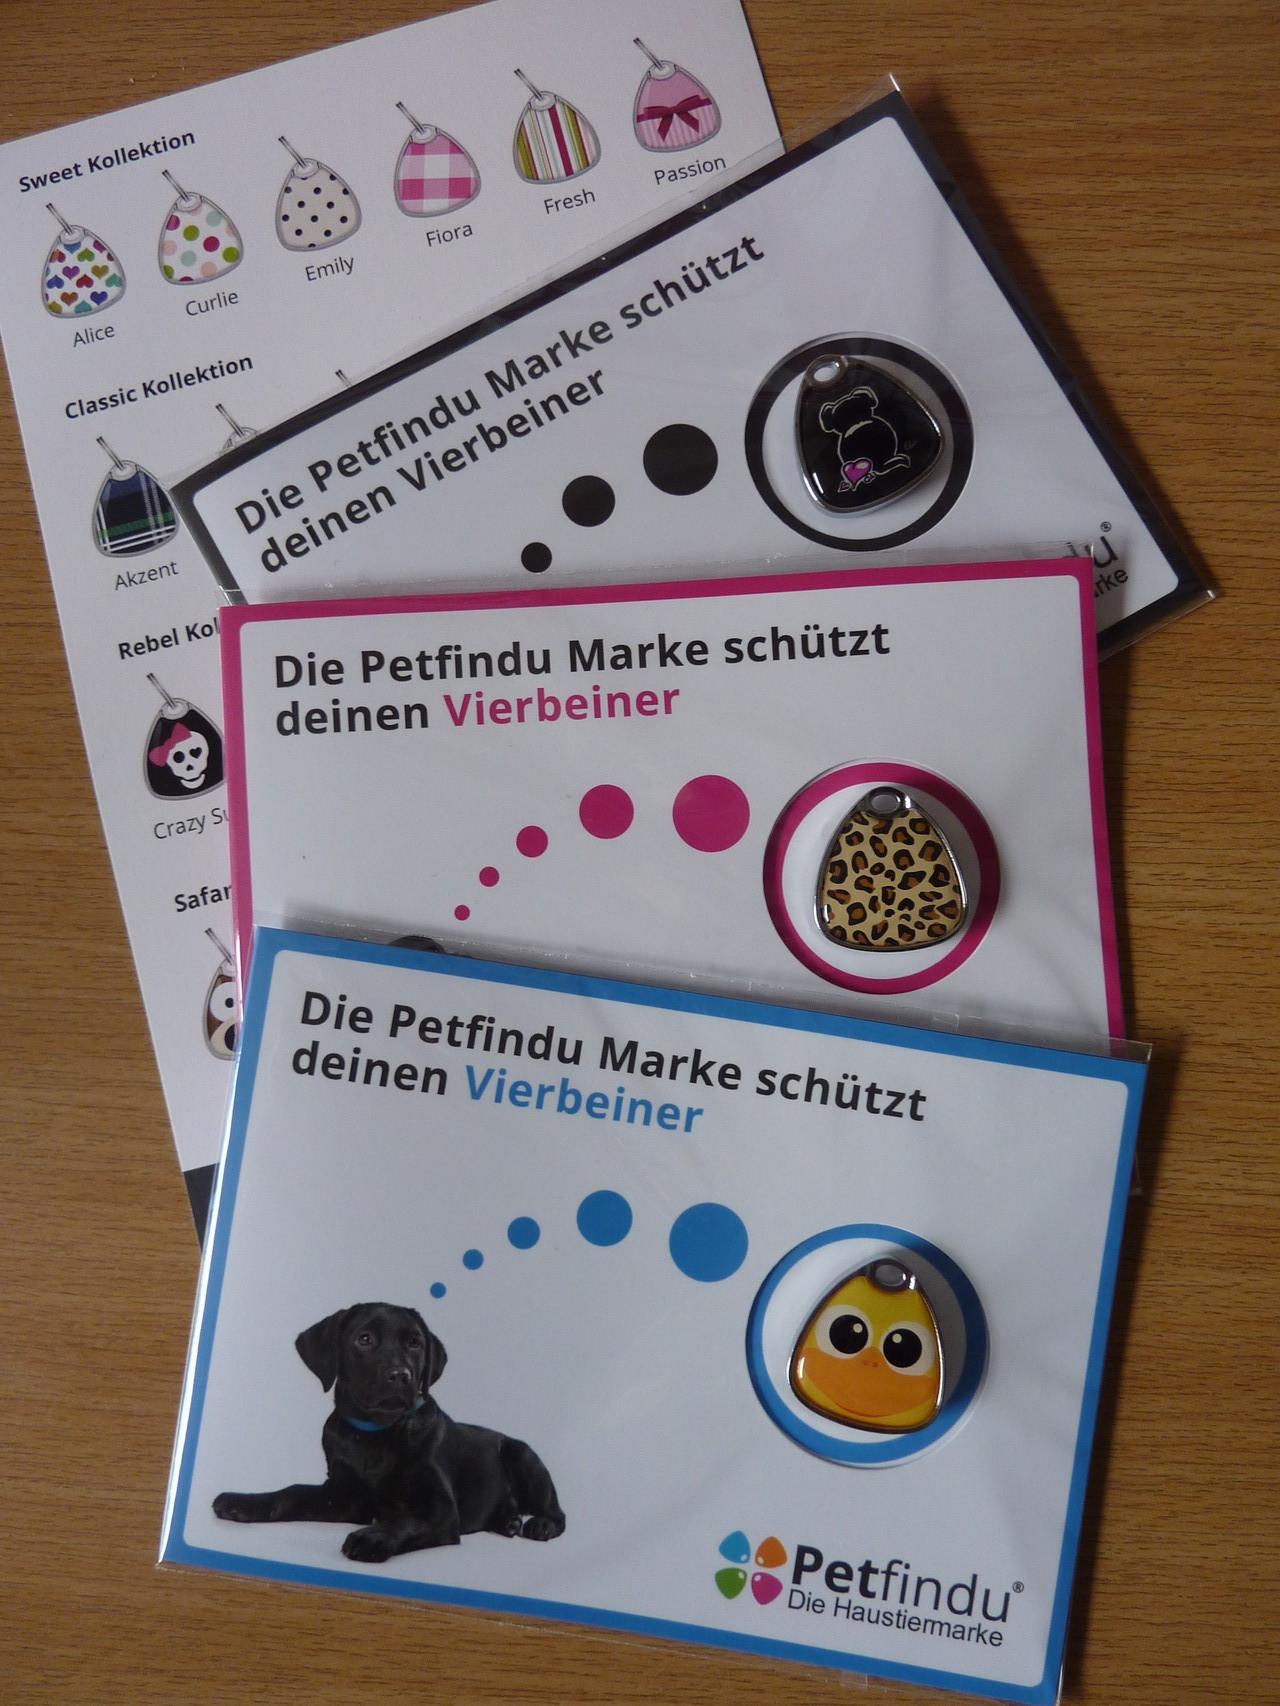 Petfindu - die Haustiermarke